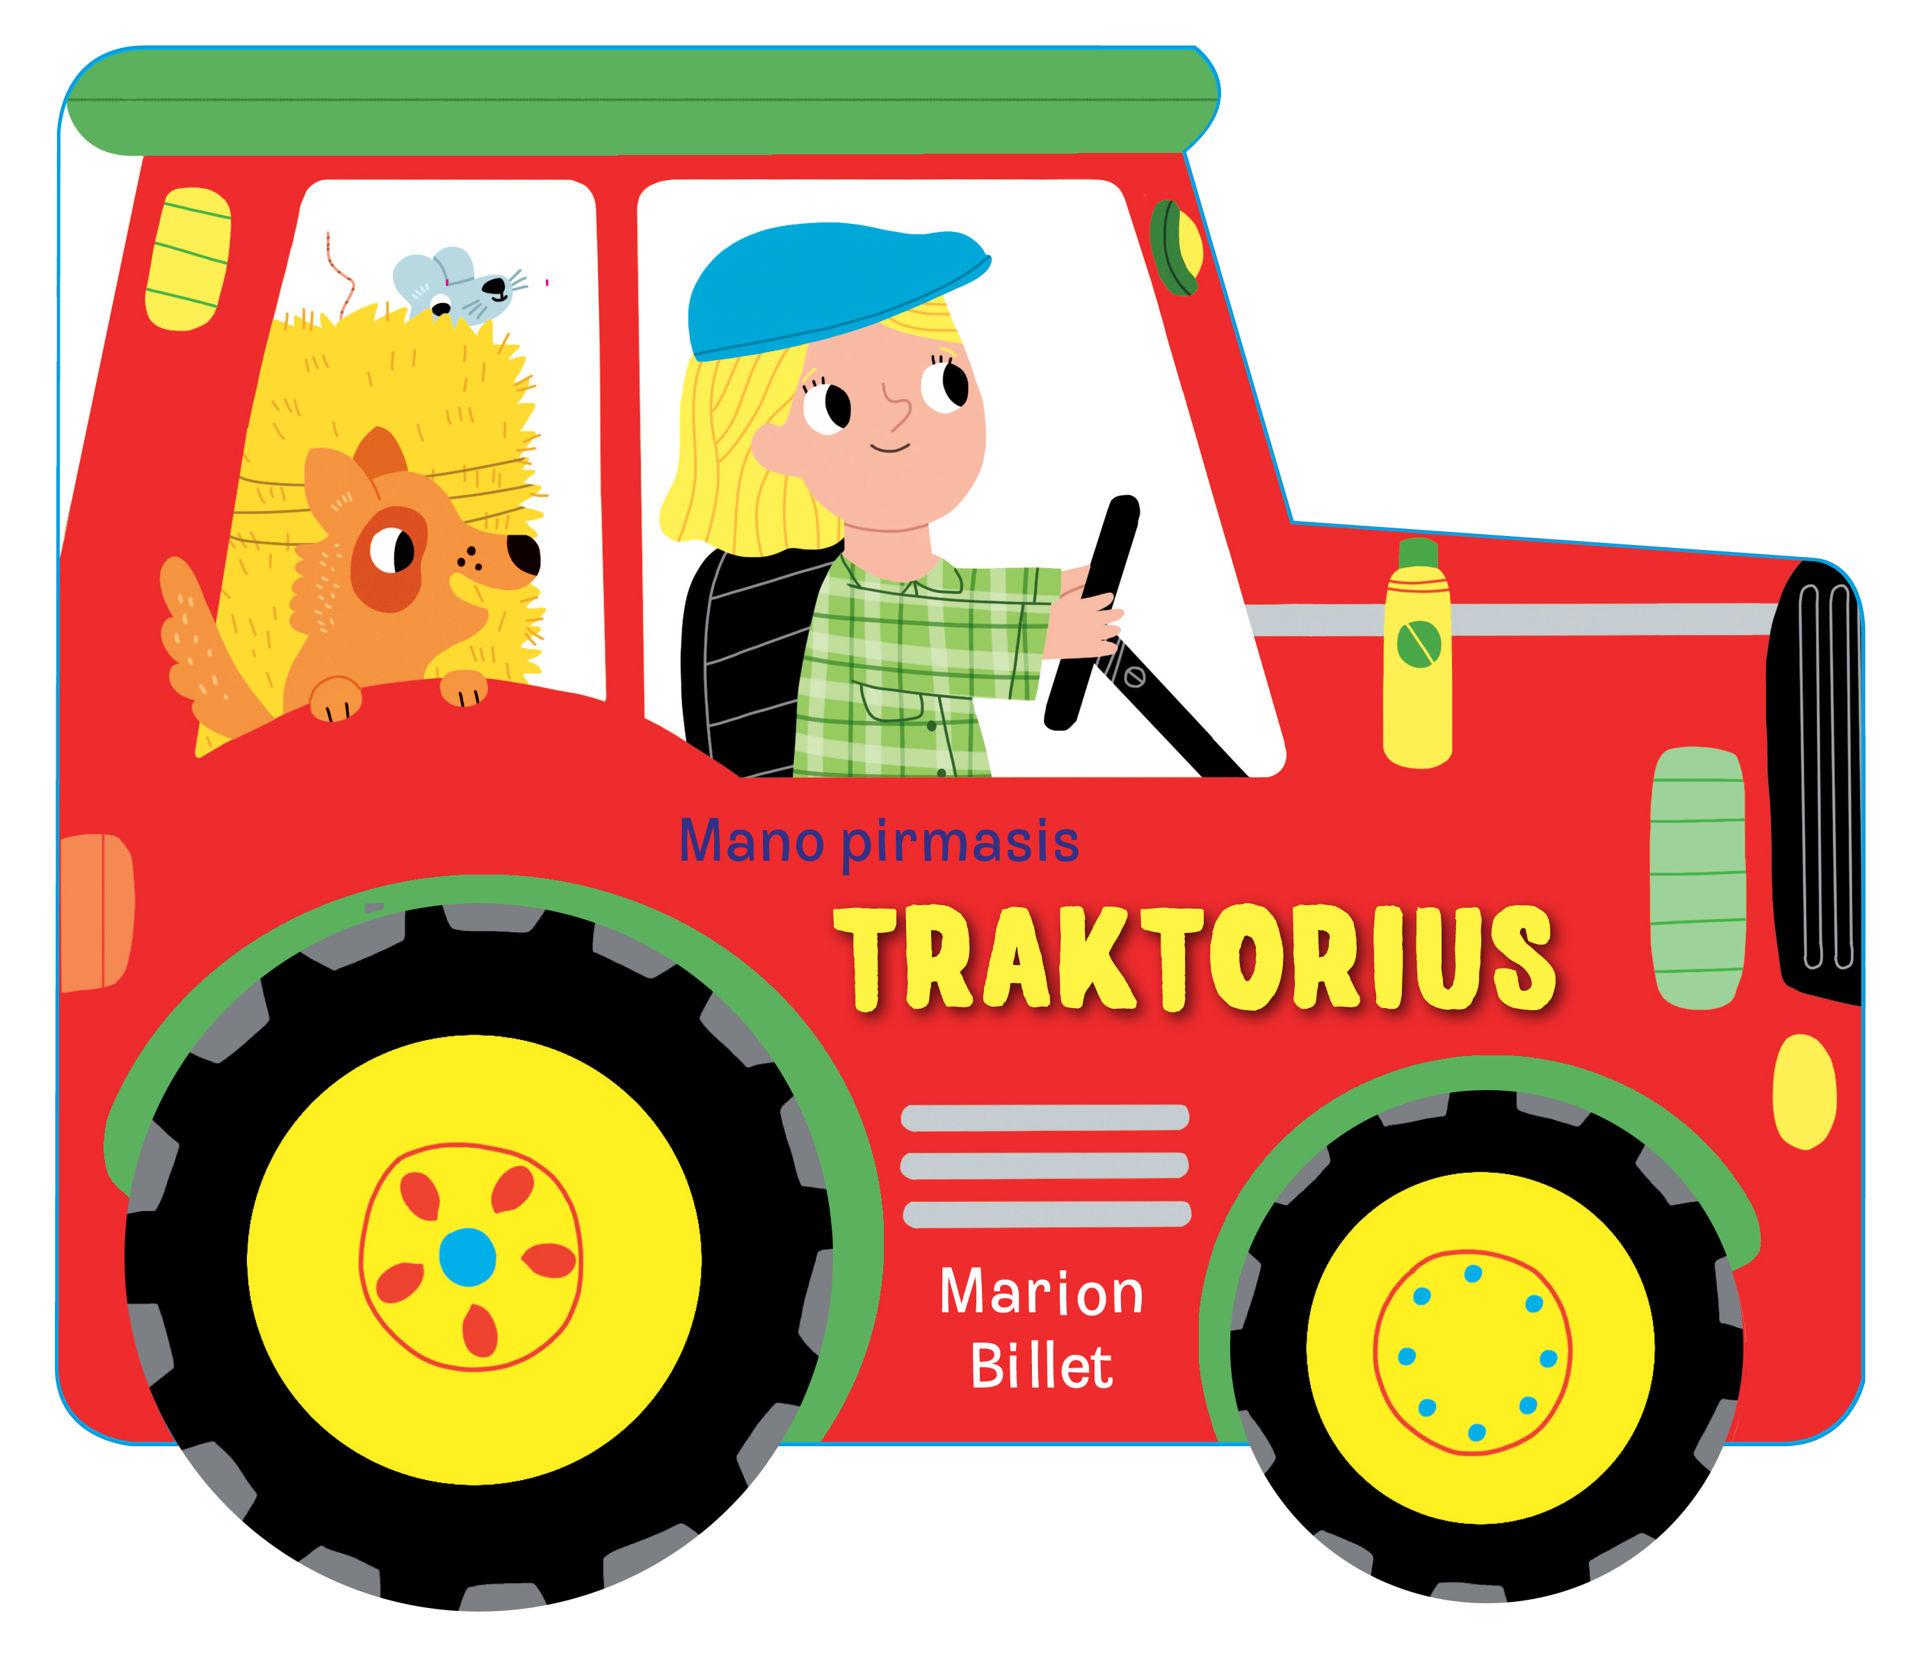 Mano pirmasis traktorius